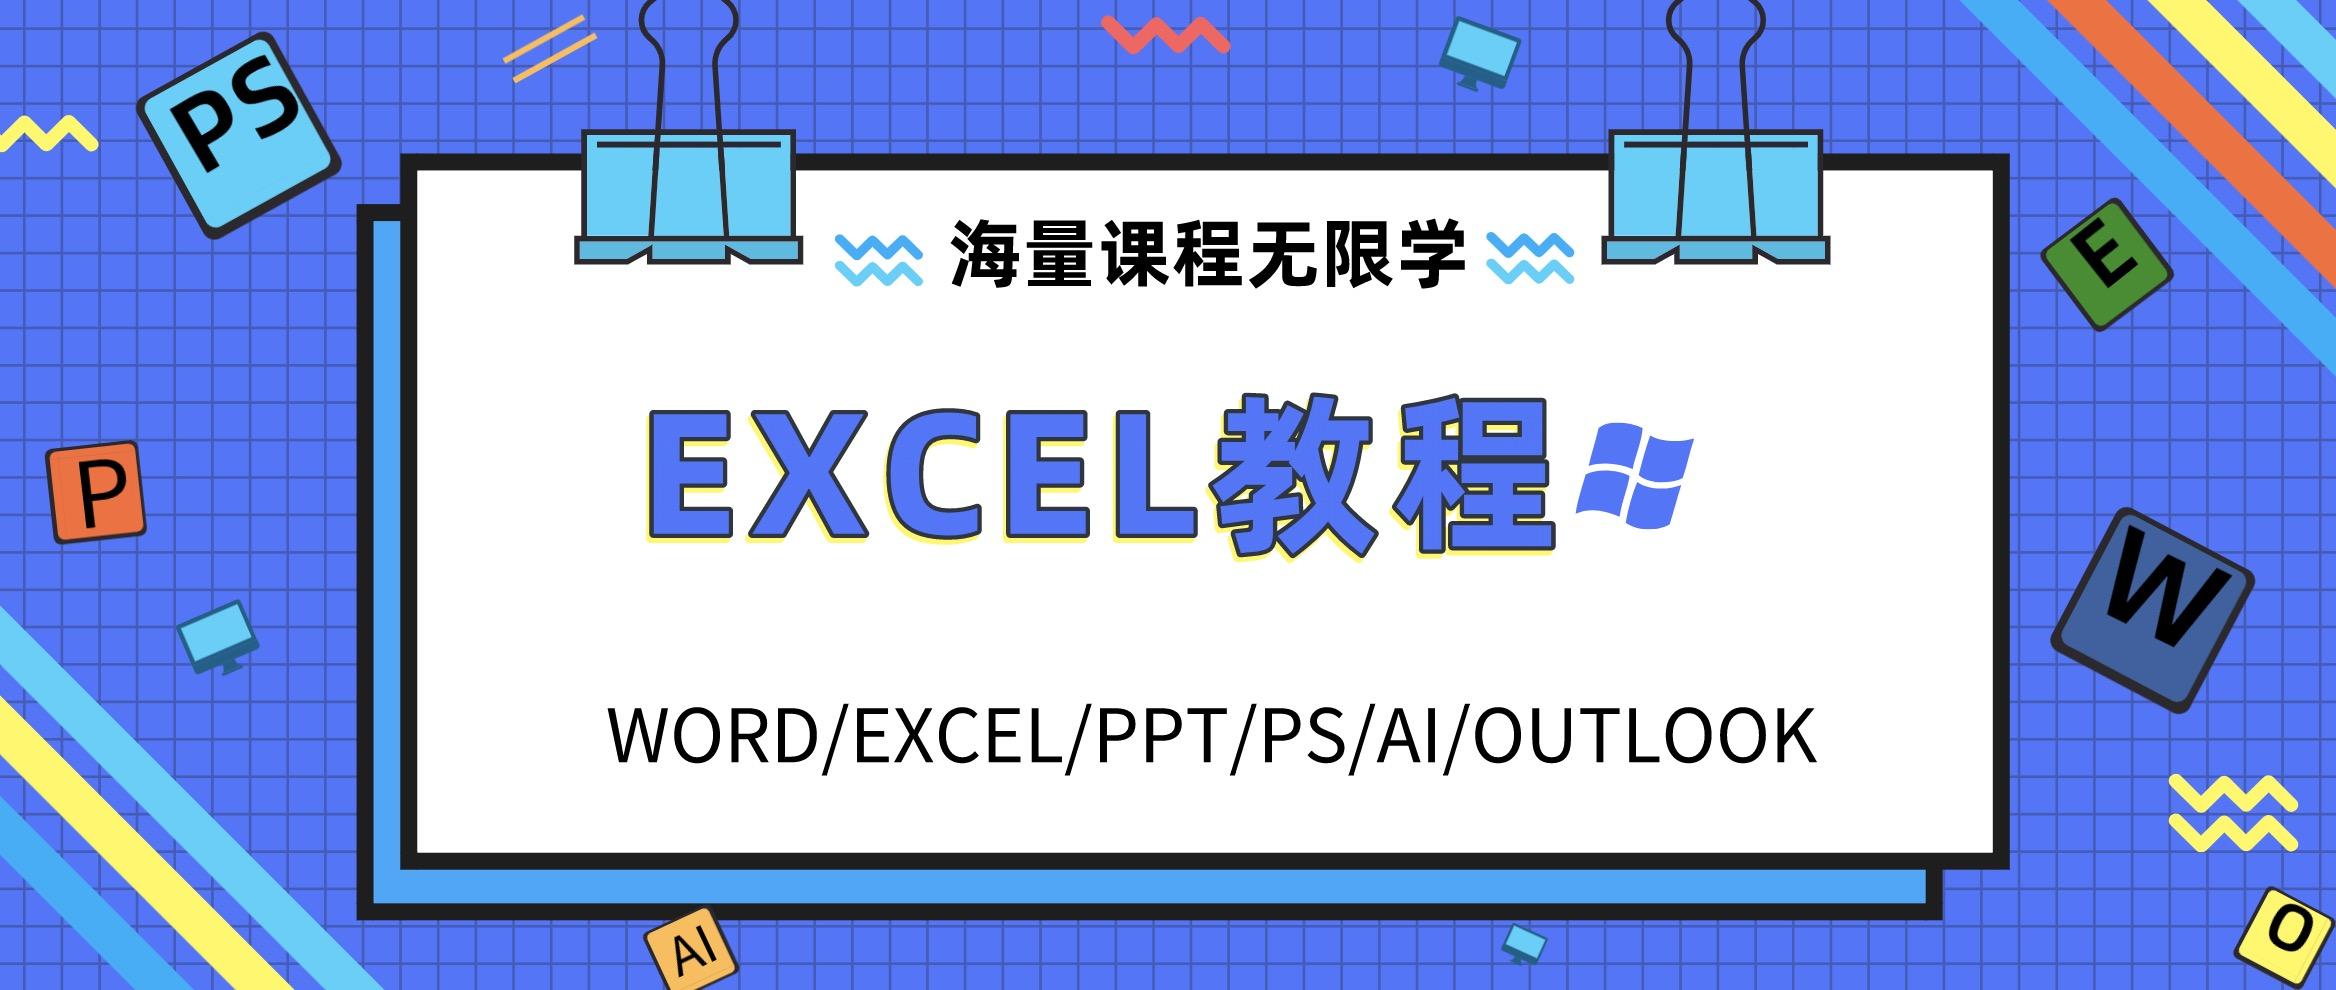 Excel学习教程资料合集包 百度网盘